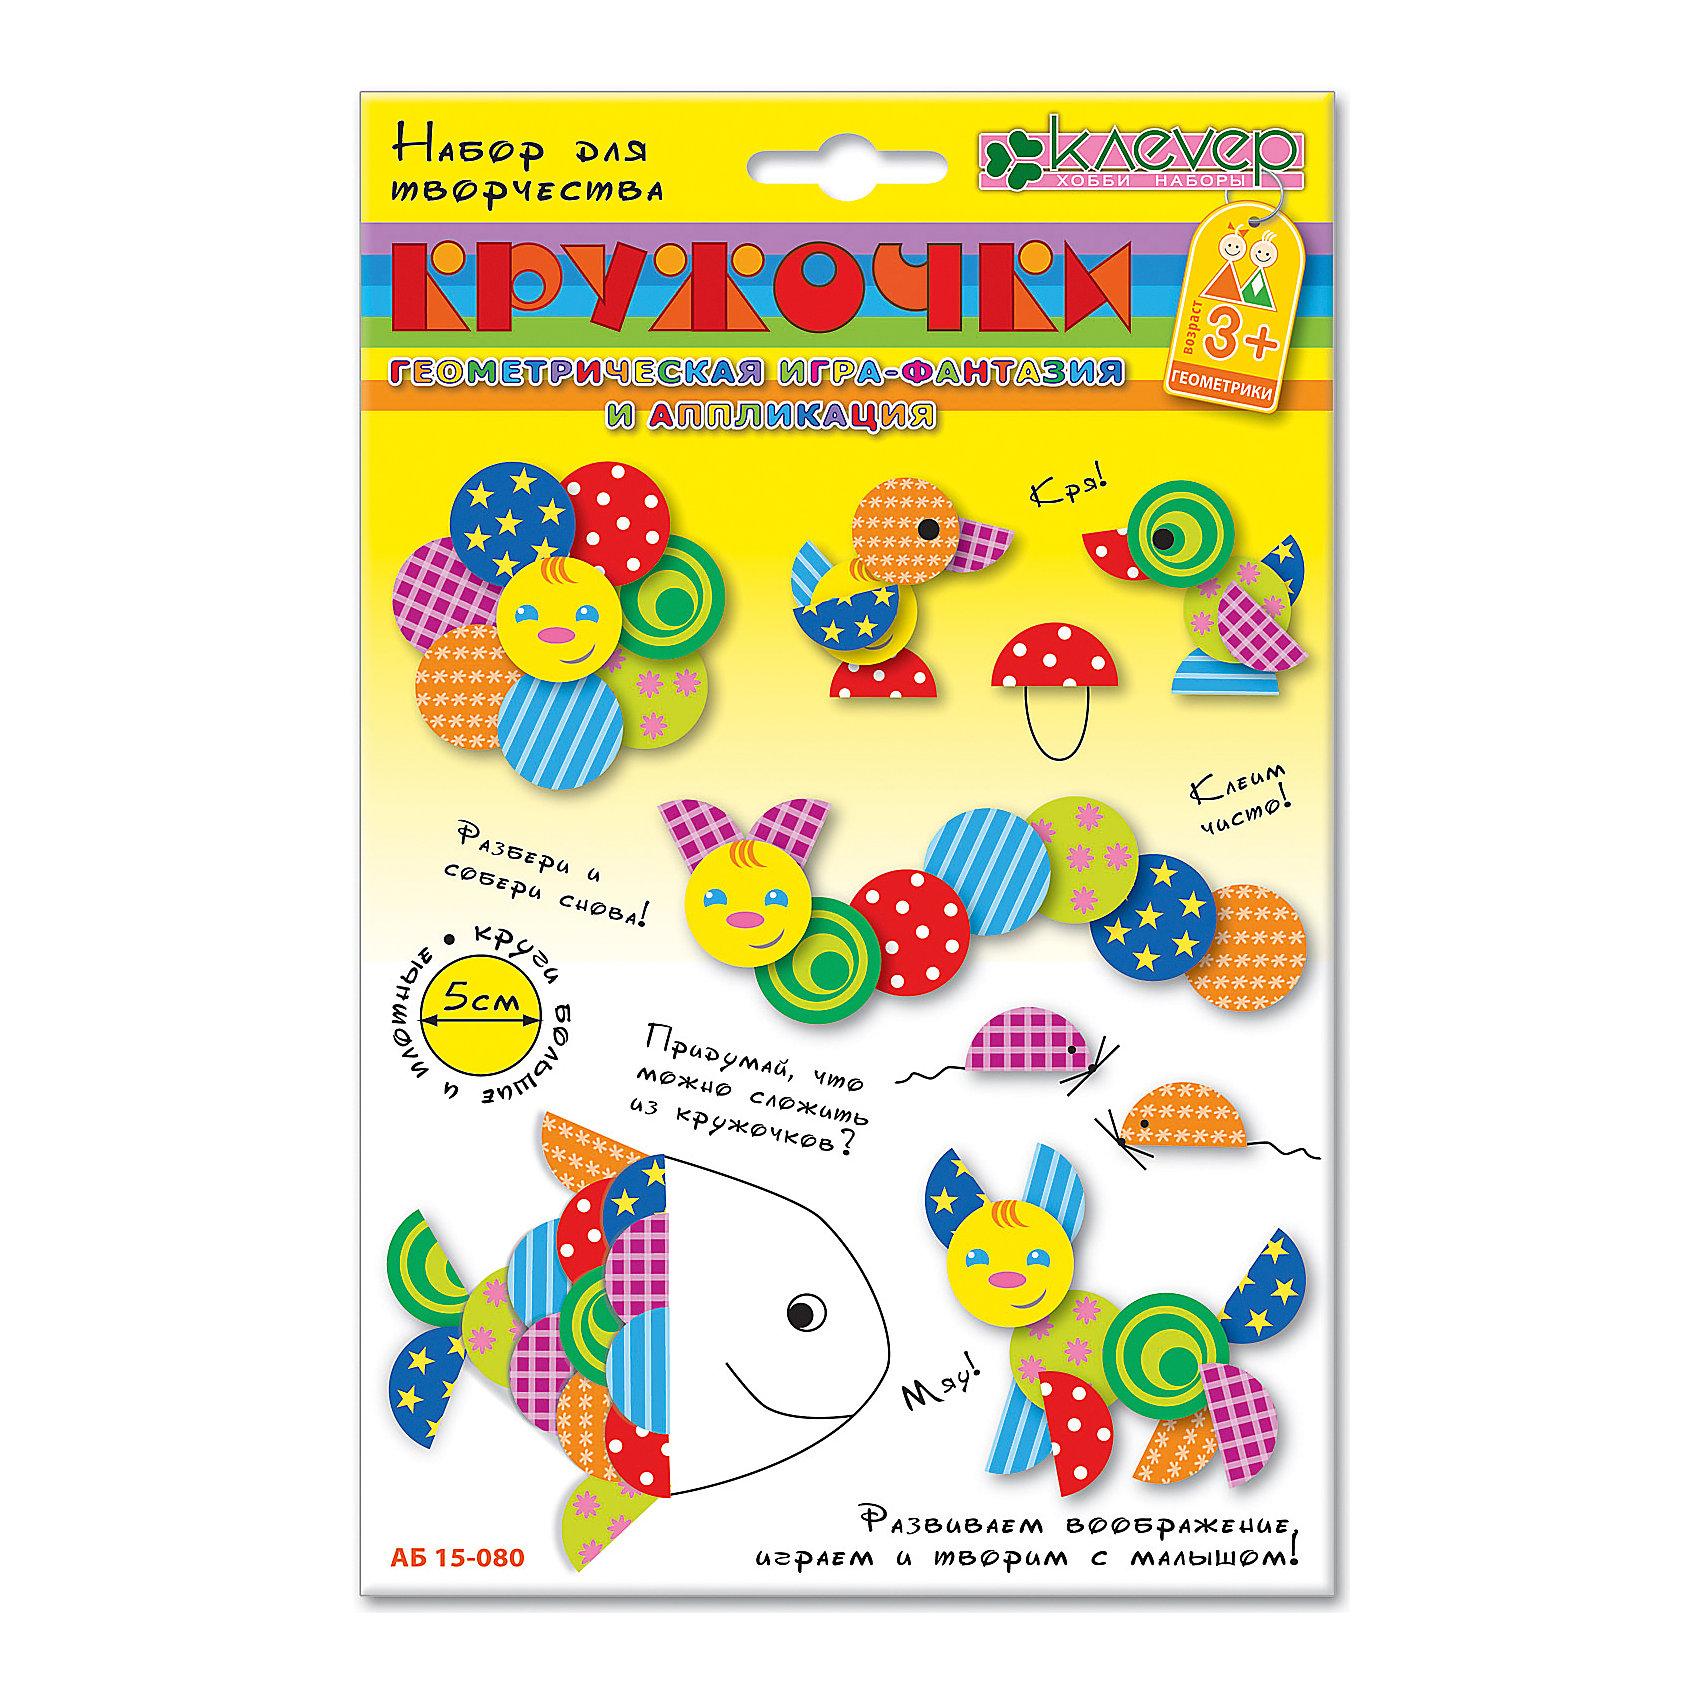 Набор для изготовления фигурок КружочкиРукоделие<br>Каким ярким, цветным и весёлым оказывается мир вокруг нас, когда фантазия не знает границ: сколько замечательных, оживших, красочных персонажей получаются из кружочков с узорами! Дети от 3-х лет могут познавать геометрию и оживлять фигуры с помощью этого набора: нужно только наклеить круги друг на друга с помощью двустороннего скотча по схеме! Все материалы входят в набор!<br><br>Ширина мм: 140<br>Глубина мм: 215<br>Высота мм: 100<br>Вес г: 36<br>Возраст от месяцев: 36<br>Возраст до месяцев: 60<br>Пол: Унисекс<br>Возраст: Детский<br>SKU: 5541592